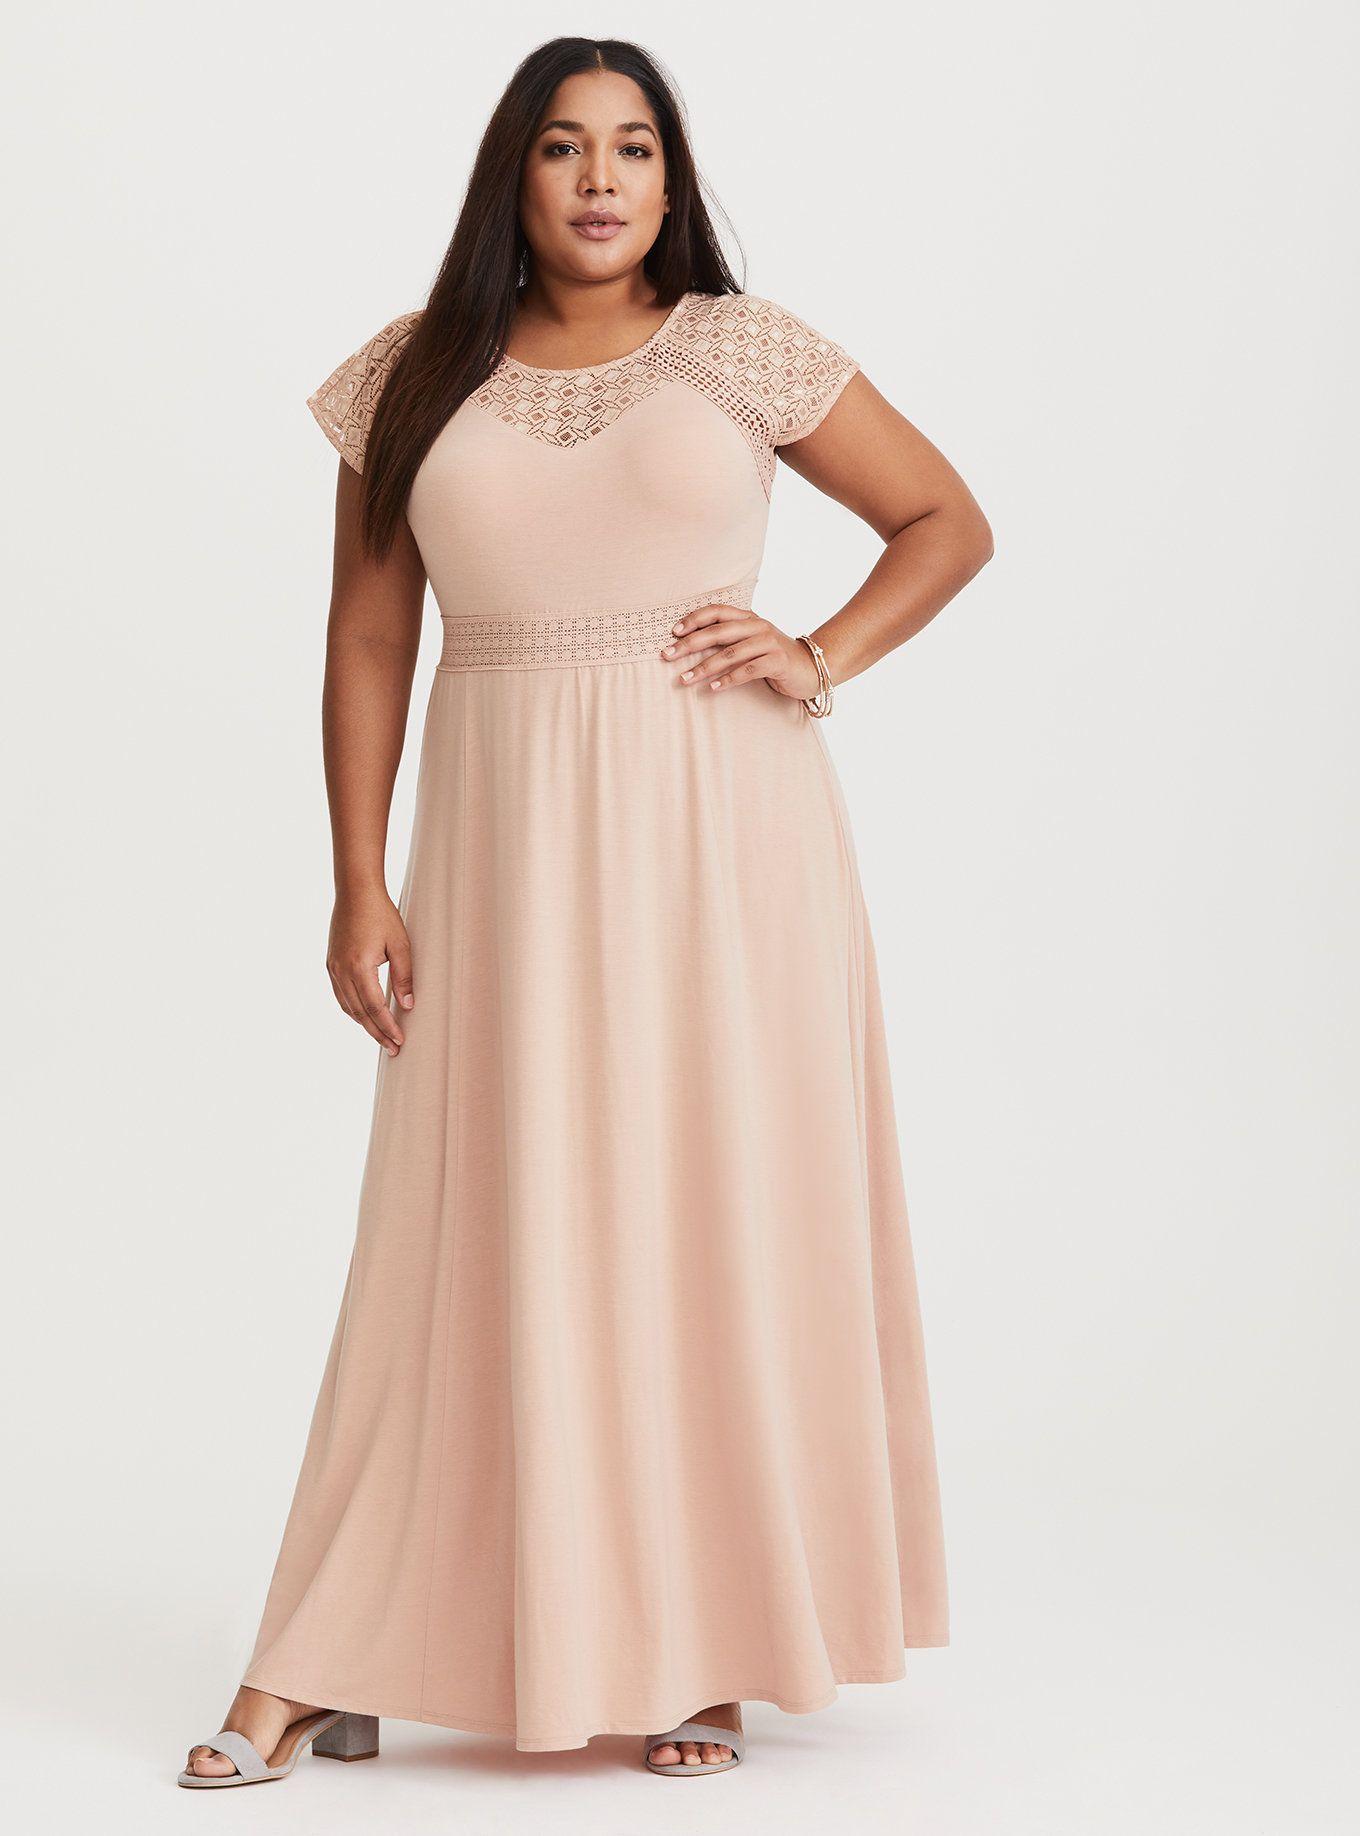 Blush Crochet Yoke Maxi Dress Short Inseam Now Available Vintage Mauve Plus Size Wedding Guest Dresses Plus Size Dresses Maxi Knit Dress